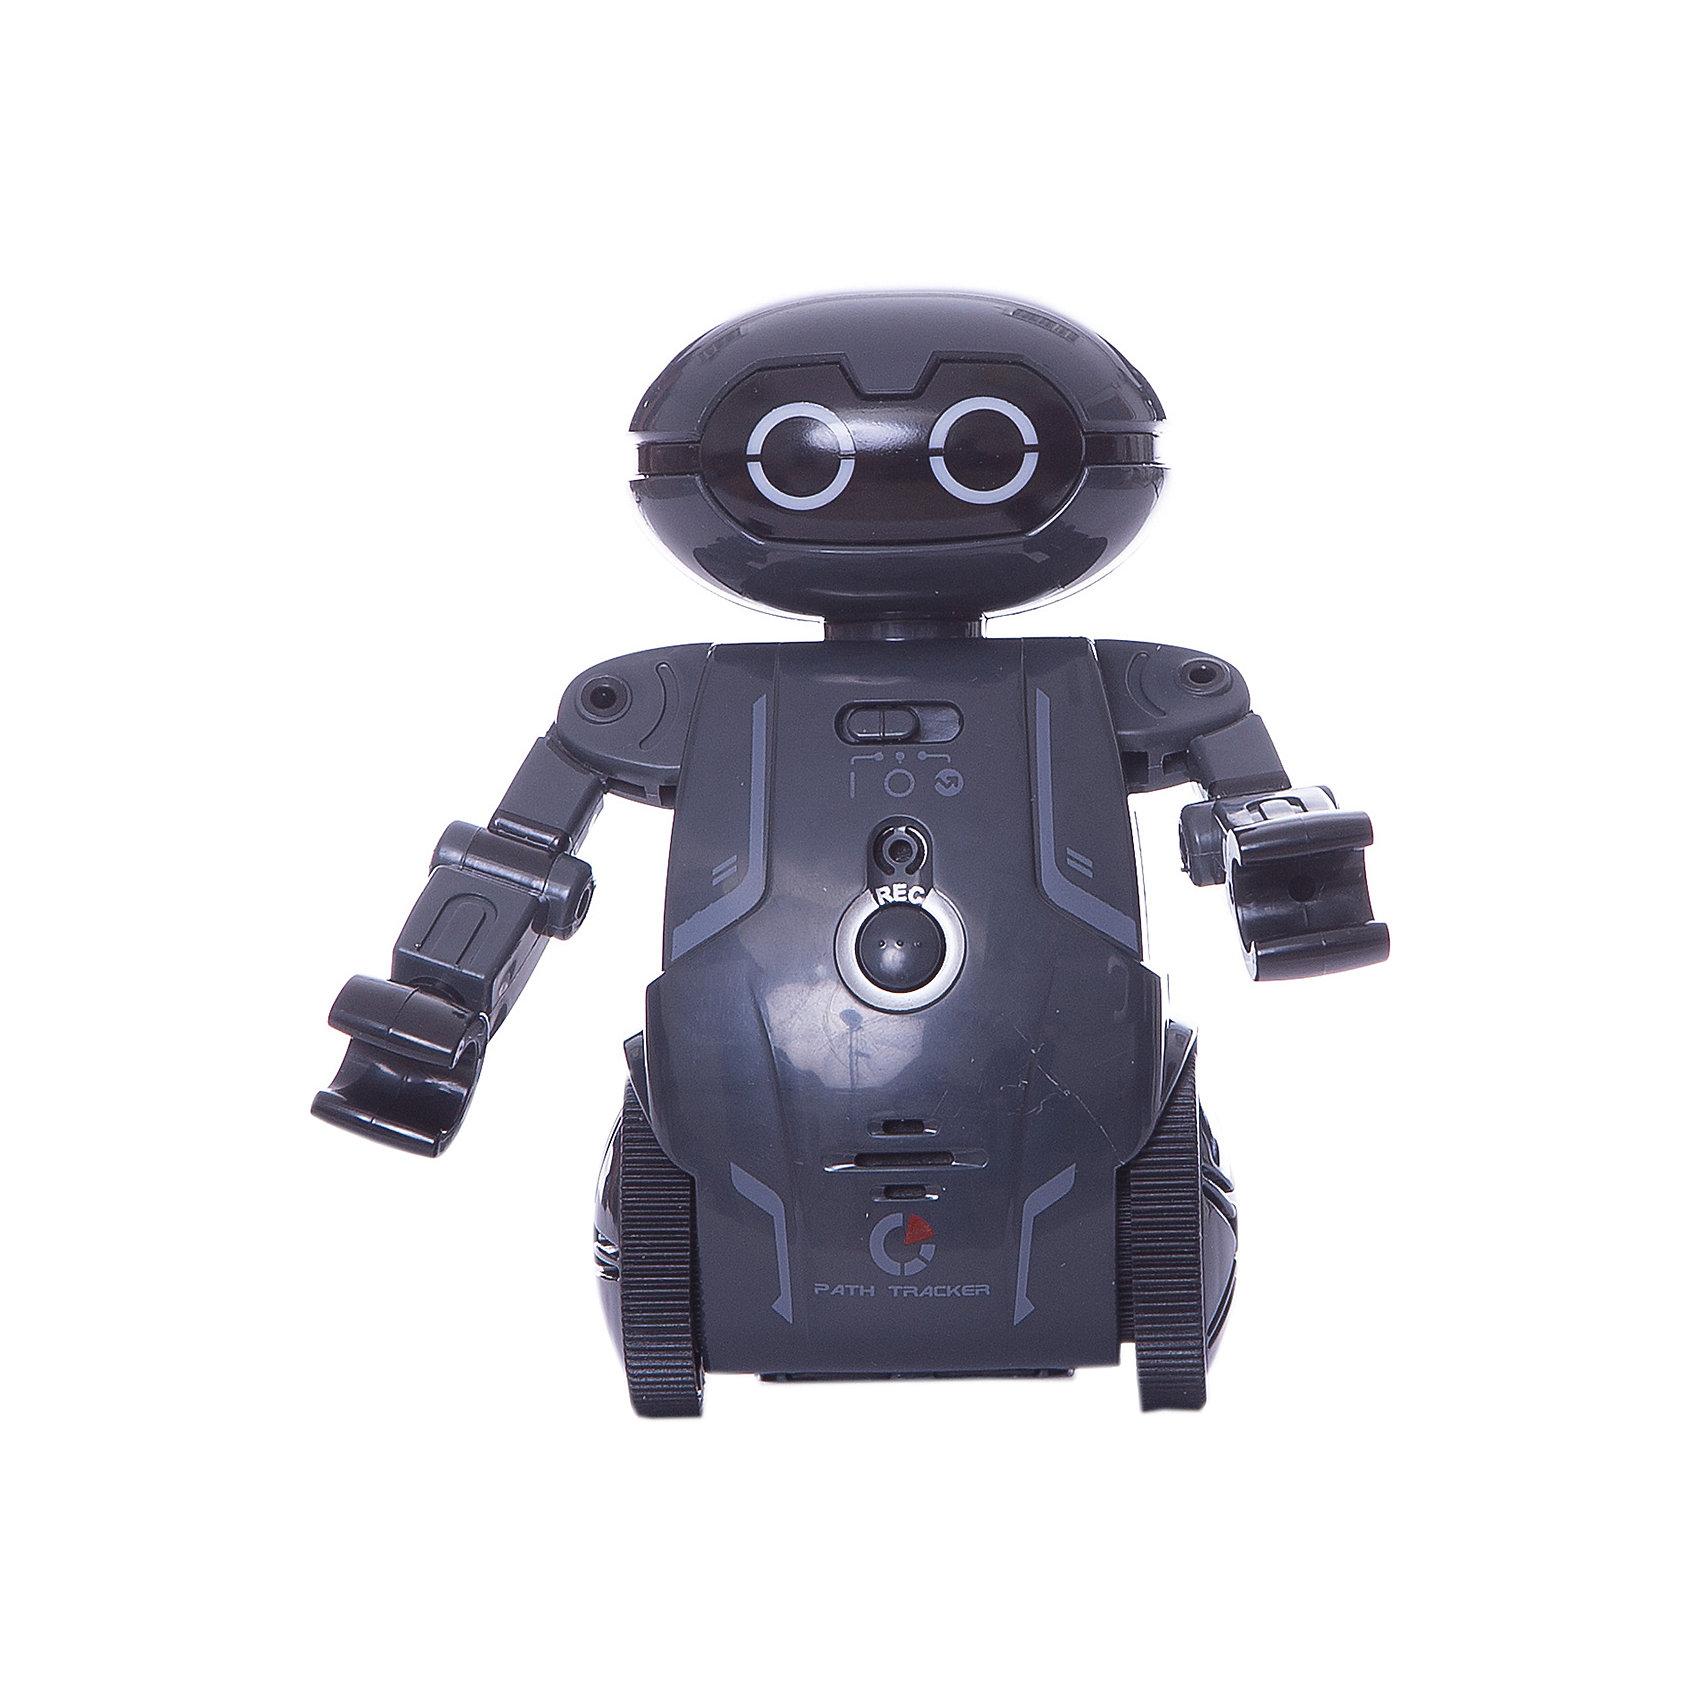 Робот Мэйз брейкер (Maze Breaker), Silverlit, черныйРоботы<br>Характеристики товара:<br><br>• возраст: от 5 лет;<br>• материал: пластик;<br>• в комплекте: робот, путевая карта, инструкция;<br>• тип батареек: 2 батарейки ААА;<br>• наличие батареек: нет в комплекте;<br>• высота робота: 12,5 см;<br>• размер упаковки: 20,8х18,4х9,3 см;<br>• вес упаковки: 303 гр.;<br>• страна производитель: Китай.<br><br>Робот Maze Breaker Sirverlit черный — удивительный робот, который умеет двигаться, говорить и кататься по определенному маршруту. Робот работает в нескольких режимах. В режиме «Игра» Мейз Брейкер двигается, танцует и записывает голос. <br><br>Нажав на кнопку на груди робота, ребенок произнесет фразу, которую робот сохранит в памяти и затем воспроизведет. Чтобы послушать ее, достаточно щелкнуть пальцами или хлопнуть в ладоши. Он может сохранять до 3 записей. <br><br>В режиме «Определение маршрута» робот двигается по заданному направлению на специальном листе благодаря сенсорным датчикам. Он определяет заданный путь и четко следует указаниям, а может также прогуляться по лабиринту.<br><br>Робот оснащен световыми и звуковыми эффектами, делающими игру с ним еще увлекательней. У него горят глаза, а во время движения он издает звуки. Управлять роботом можно при помощи бесплатного мобильного приложения. <br><br>Робота Maze Breaker Sirverlit черного можно приобрести в нашем интернет-магазине.<br><br>Ширина мм: 208<br>Глубина мм: 184<br>Высота мм: 93<br>Вес г: 303<br>Возраст от месяцев: 60<br>Возраст до месяцев: 2147483647<br>Пол: Унисекс<br>Возраст: Детский<br>SKU: 5631987